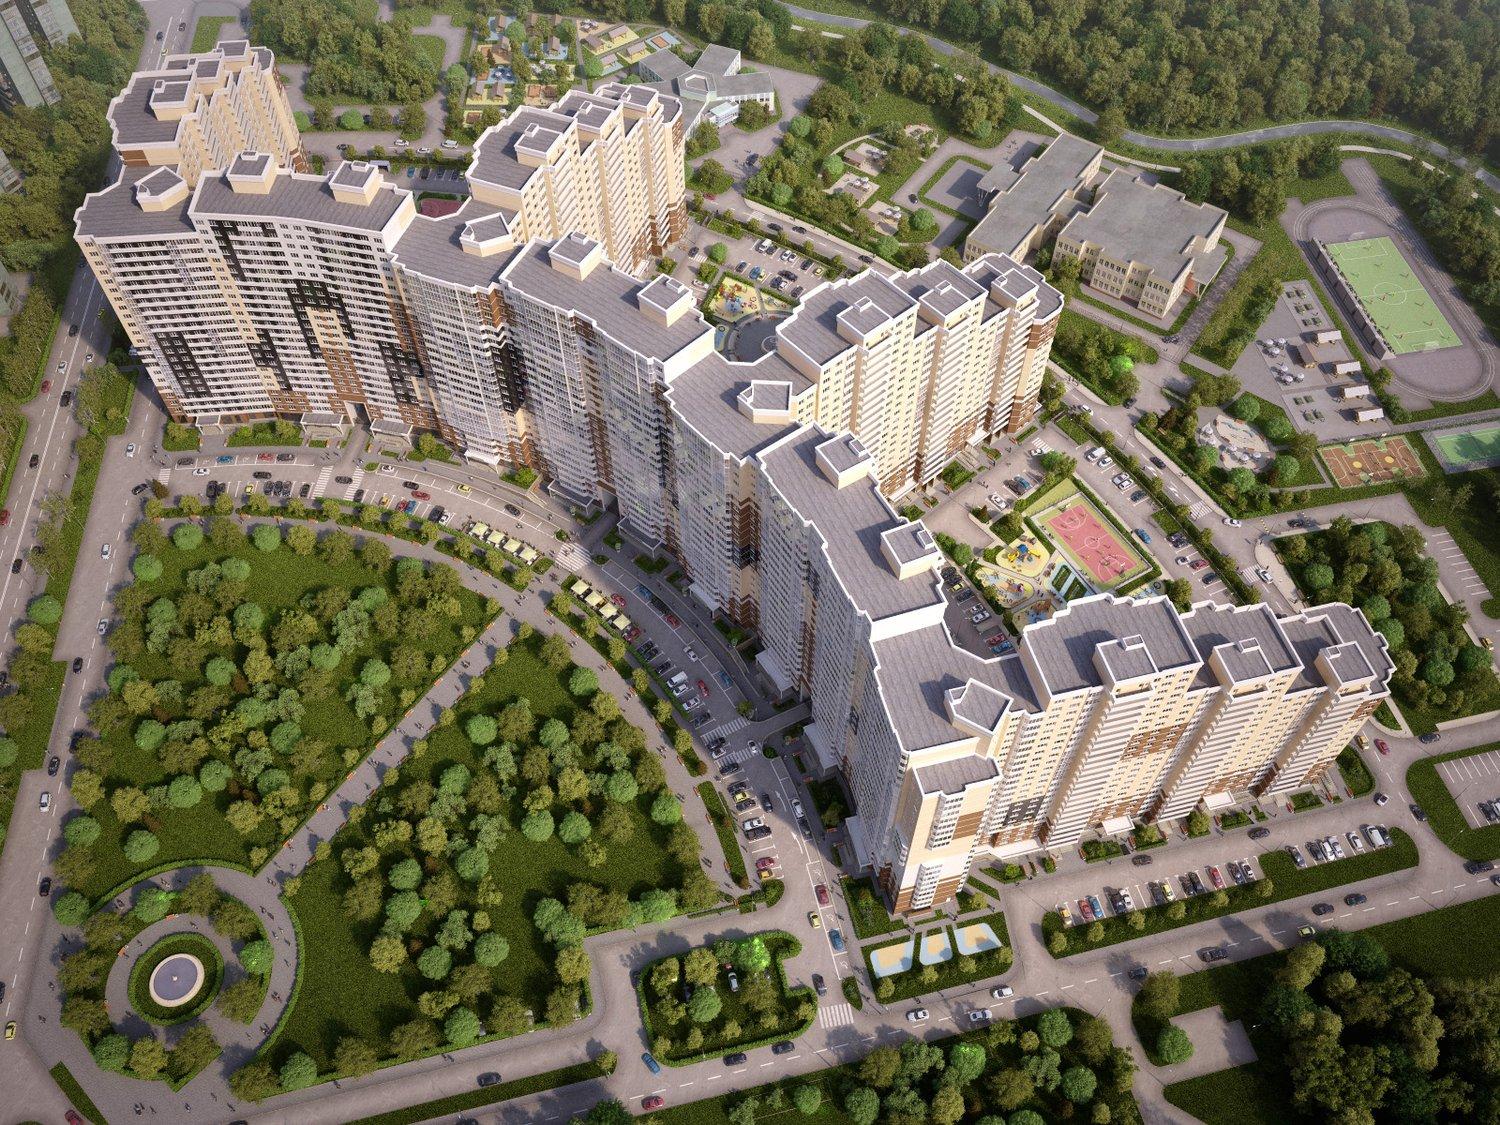 Банк ВТБ24 предлагает ипотеку с пониженной процентной ставкой в жилом микрорайоне «Одинбург»